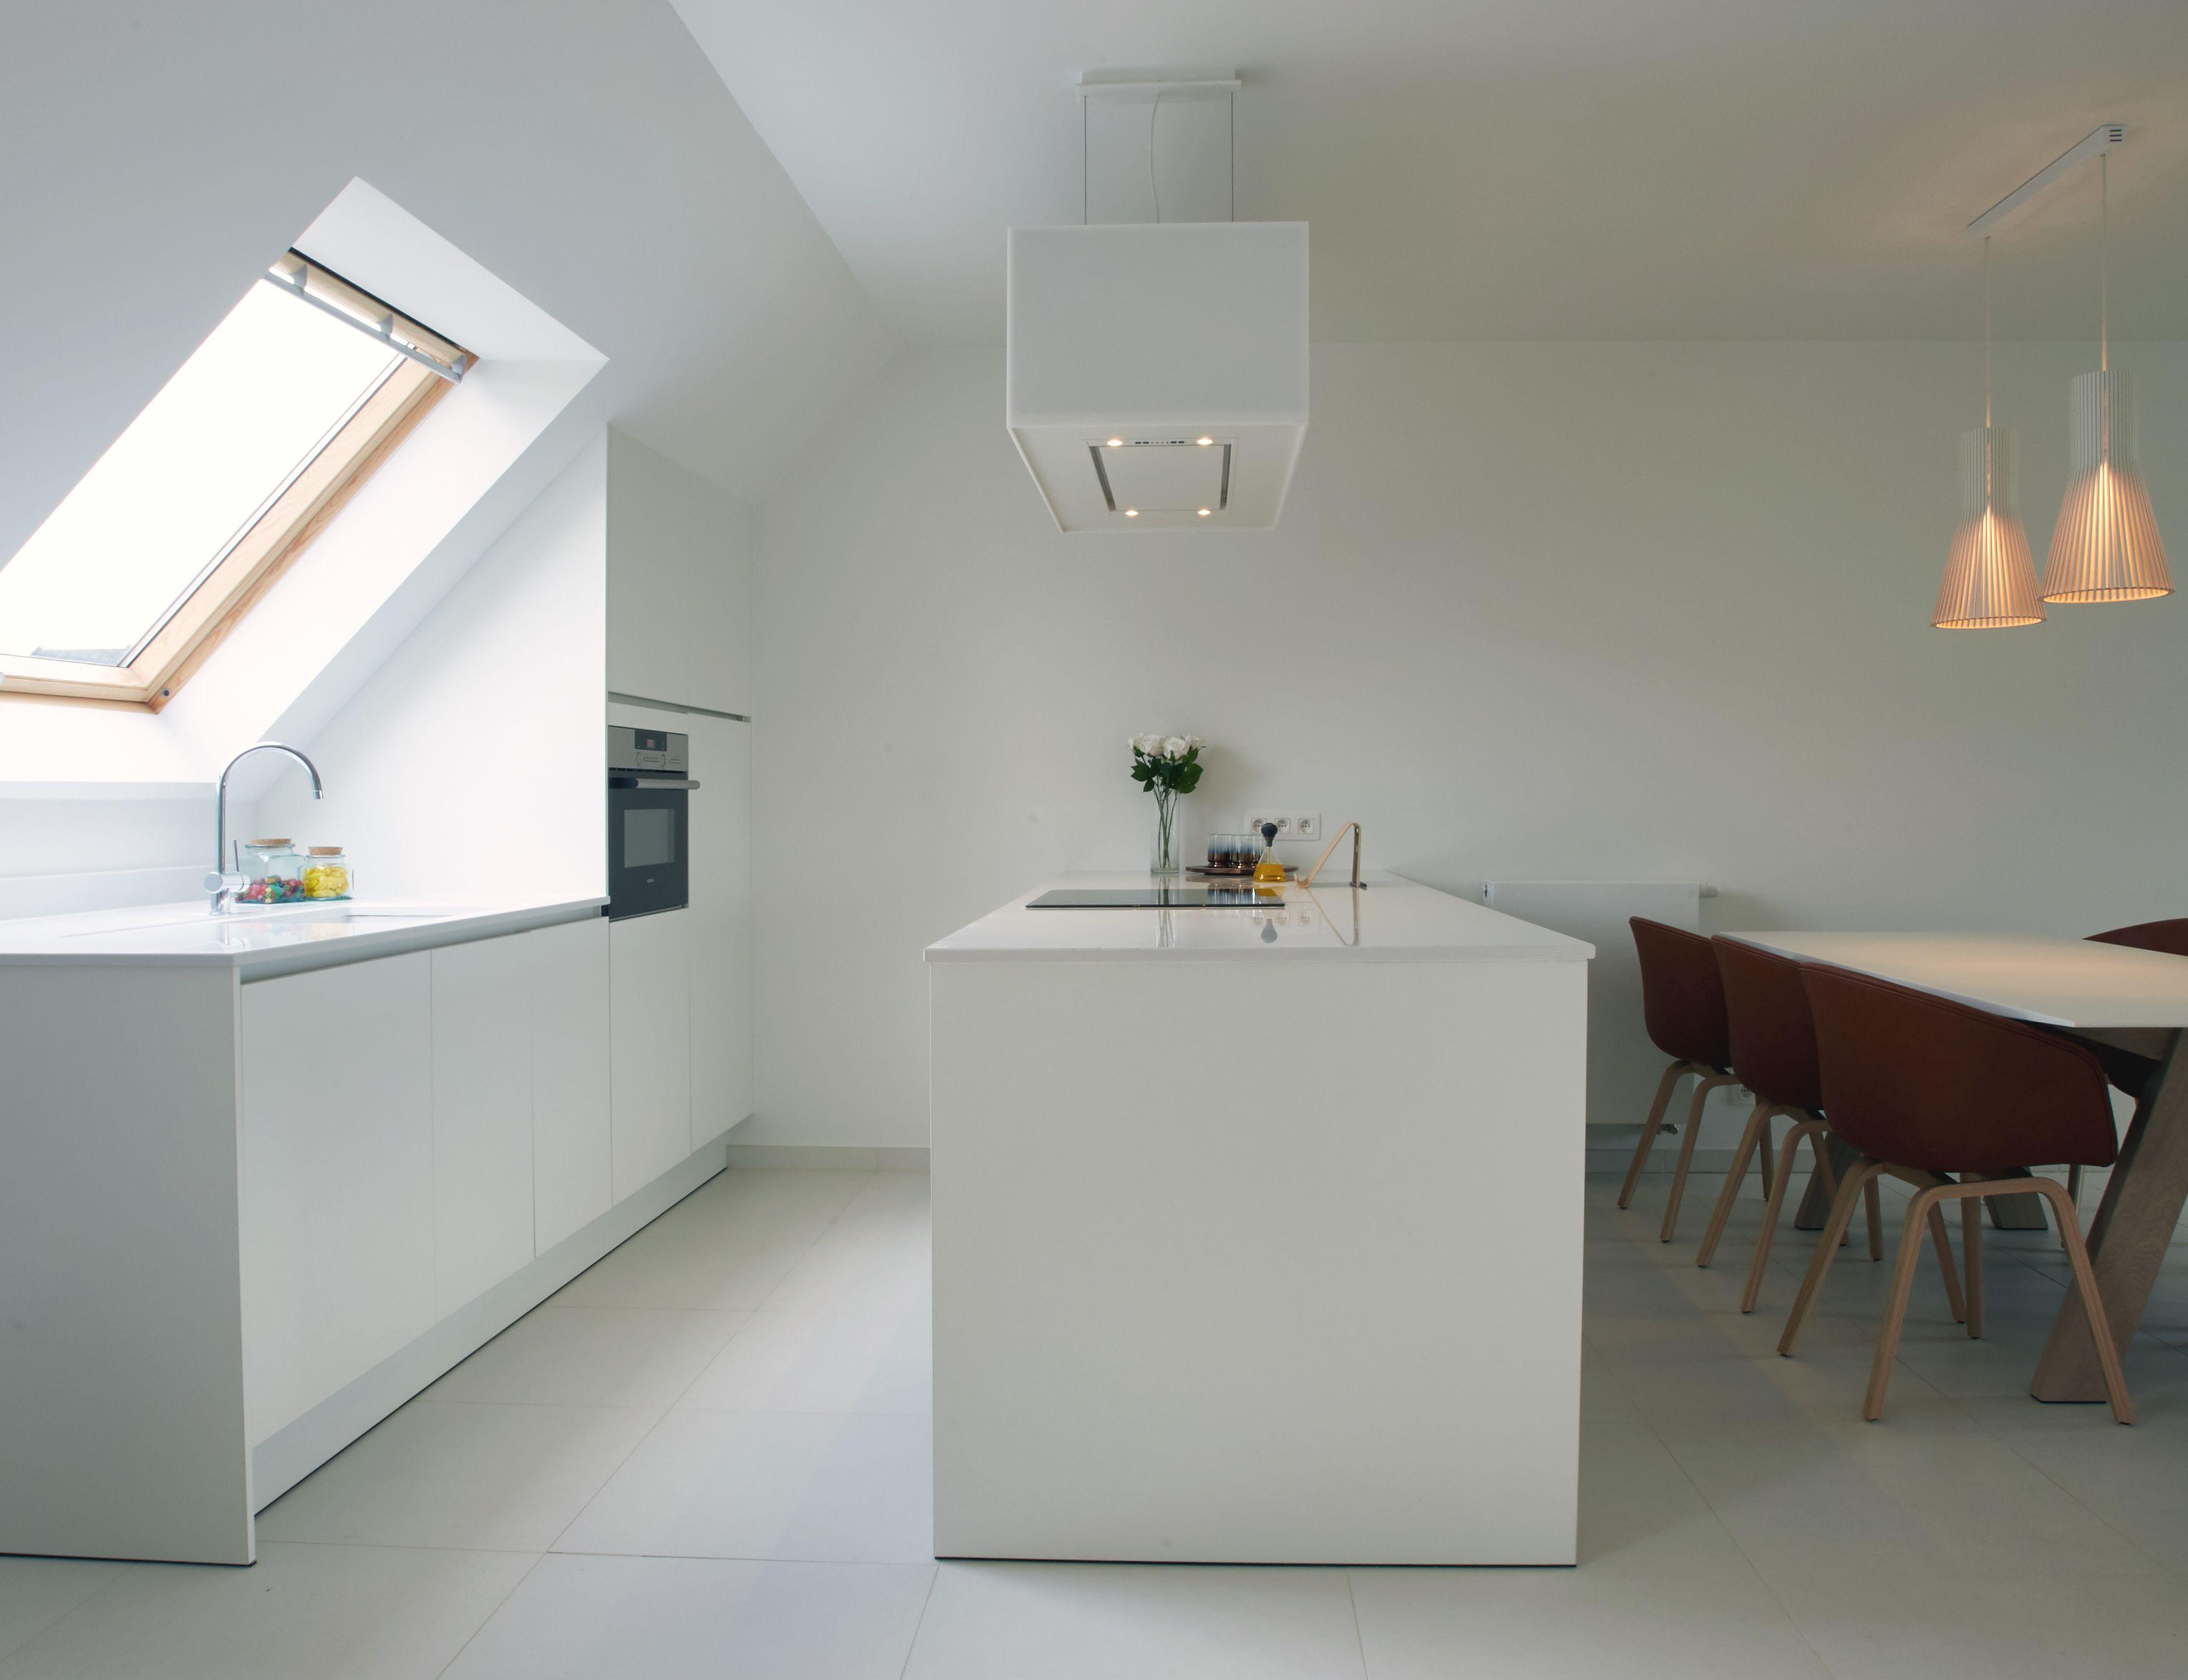 Duplex-appartement met 2 slaapkamers te koop Nieuwpoort - 5411